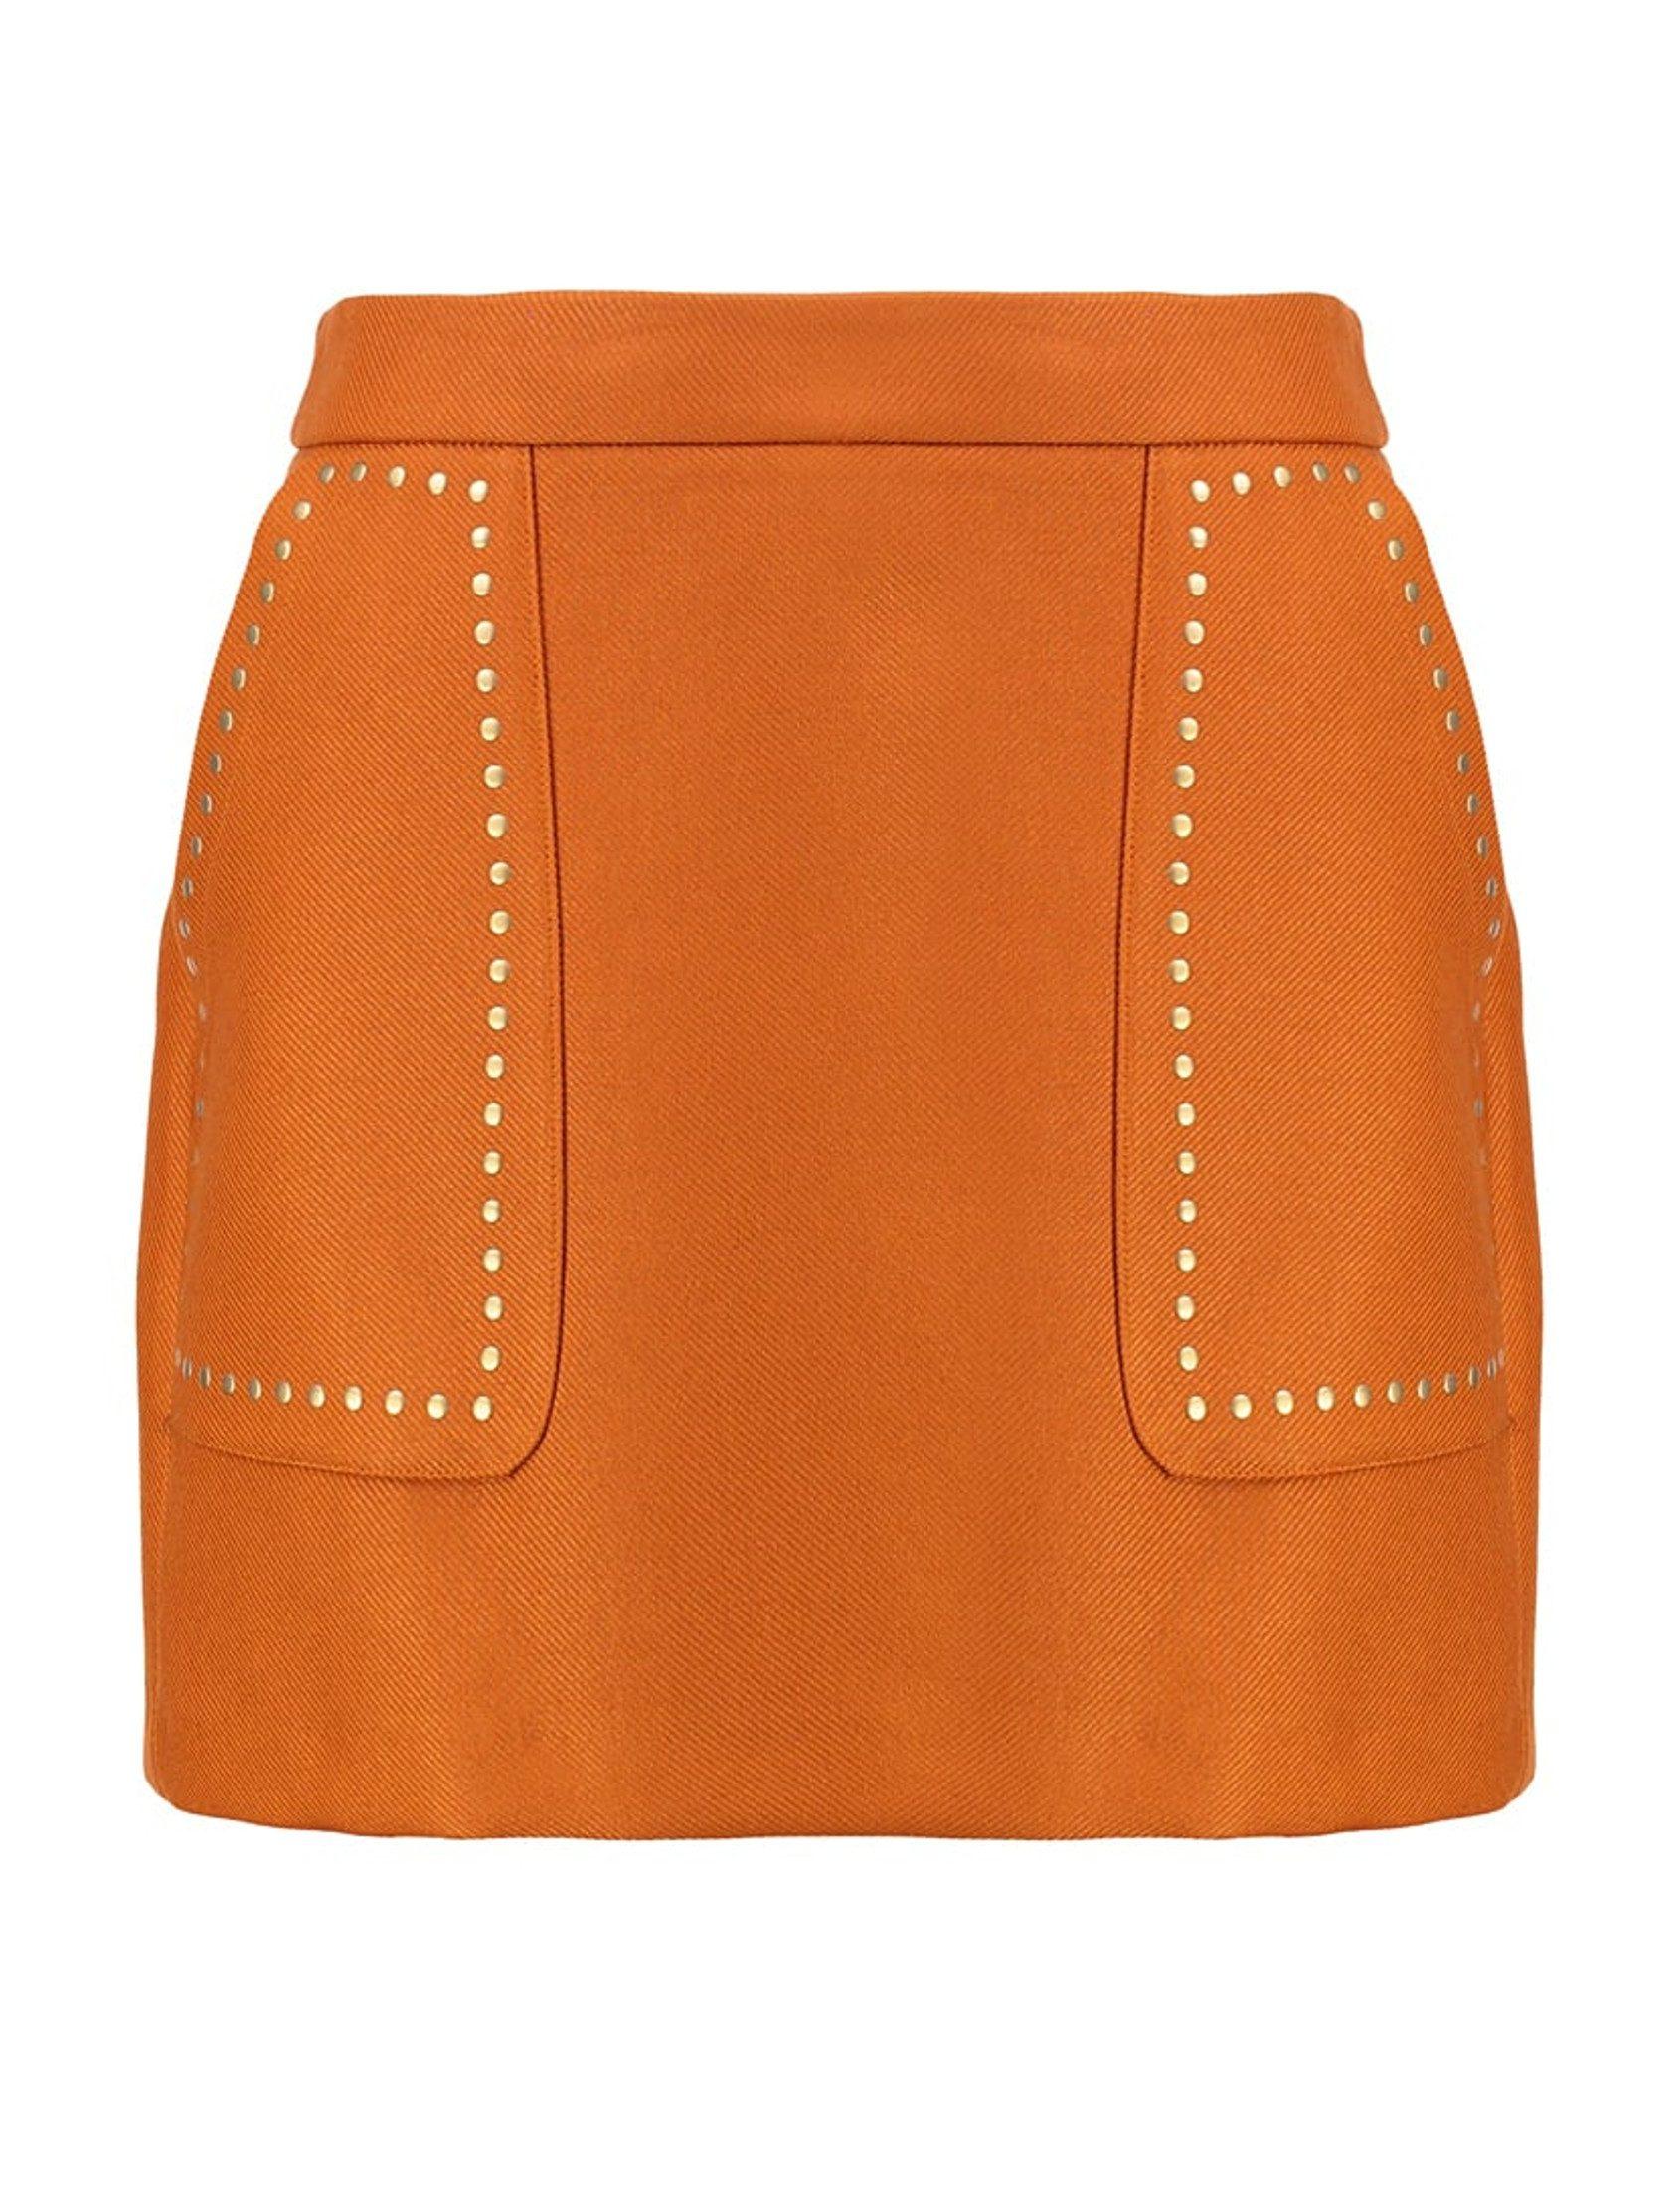 Esta falda de suave paño es la prenda ideal con un precioso color cognac, y bolsillos delanteros enmarcados en tachuelas planas de color oro mate.